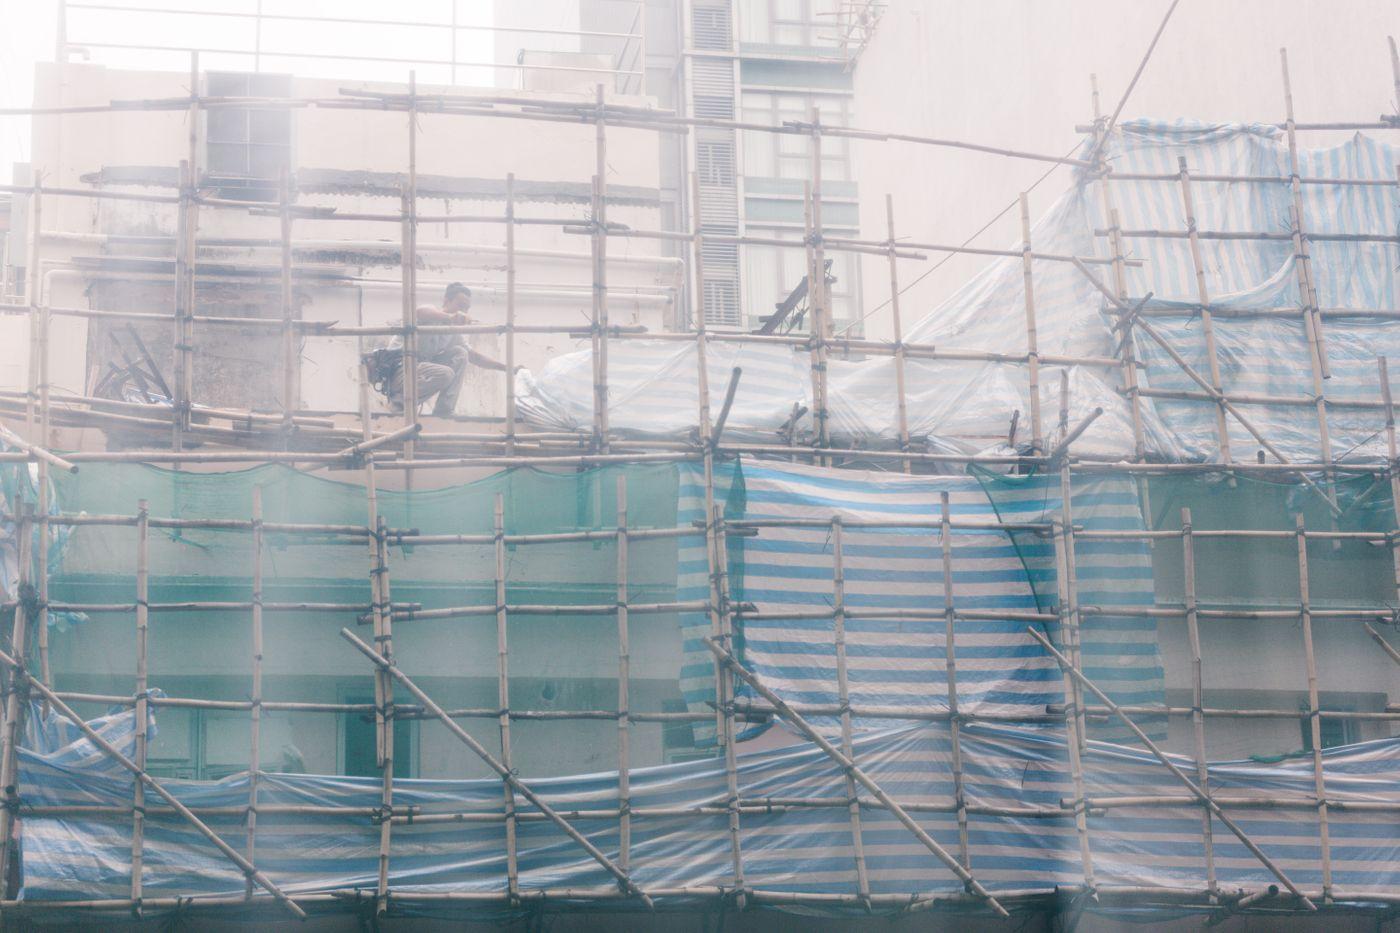 竹で足場を作る香港の建設現場の写真